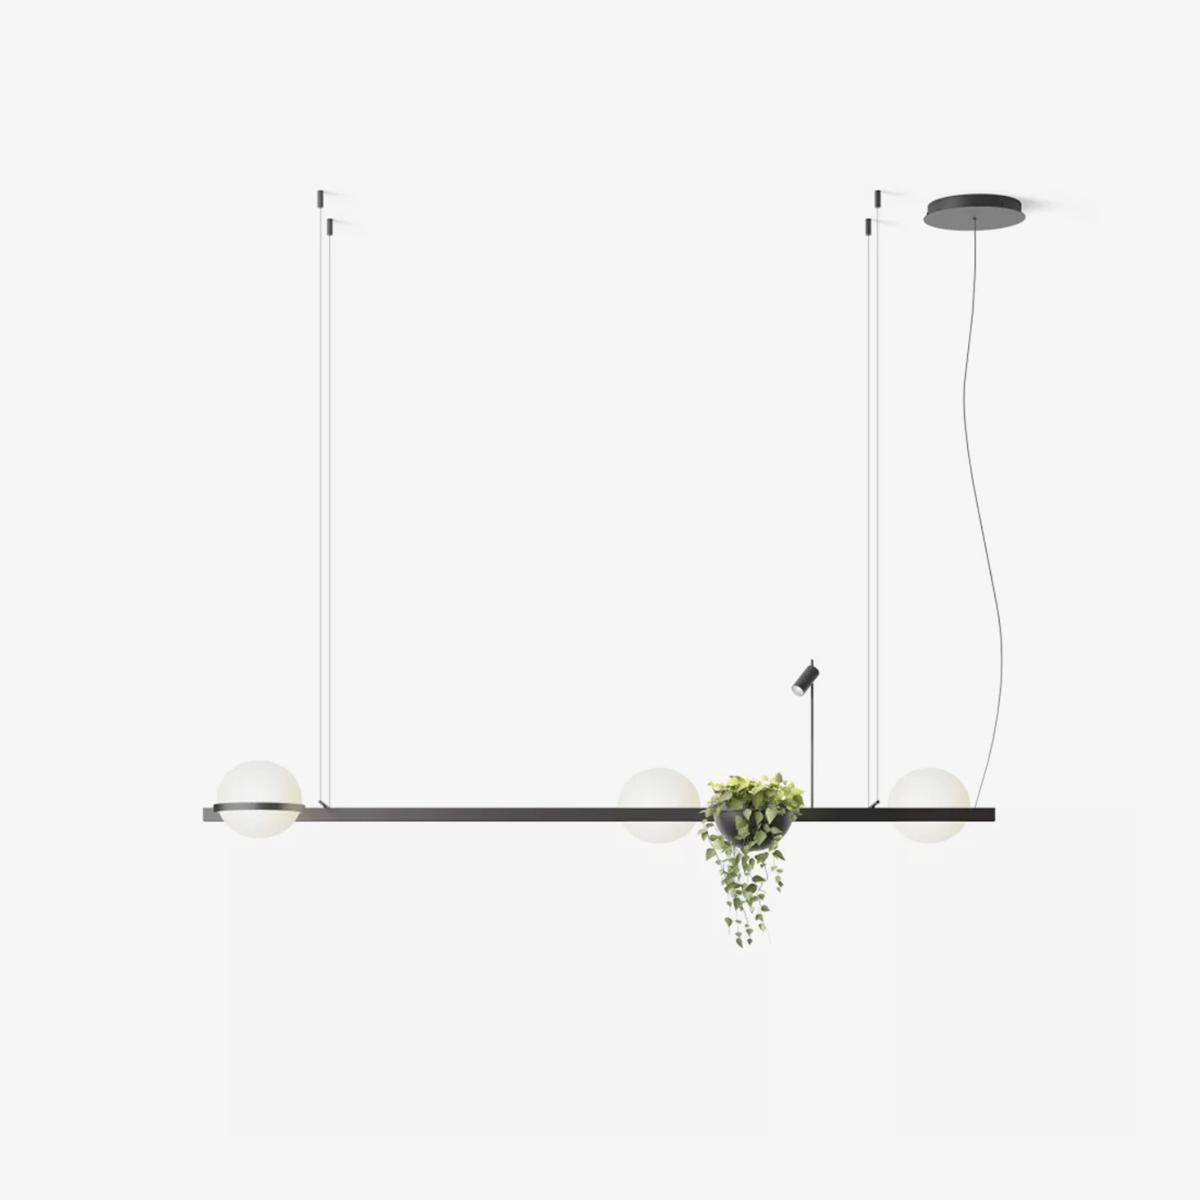 Lámpara colgante Palma triple esfera planta grafito Vibia-0